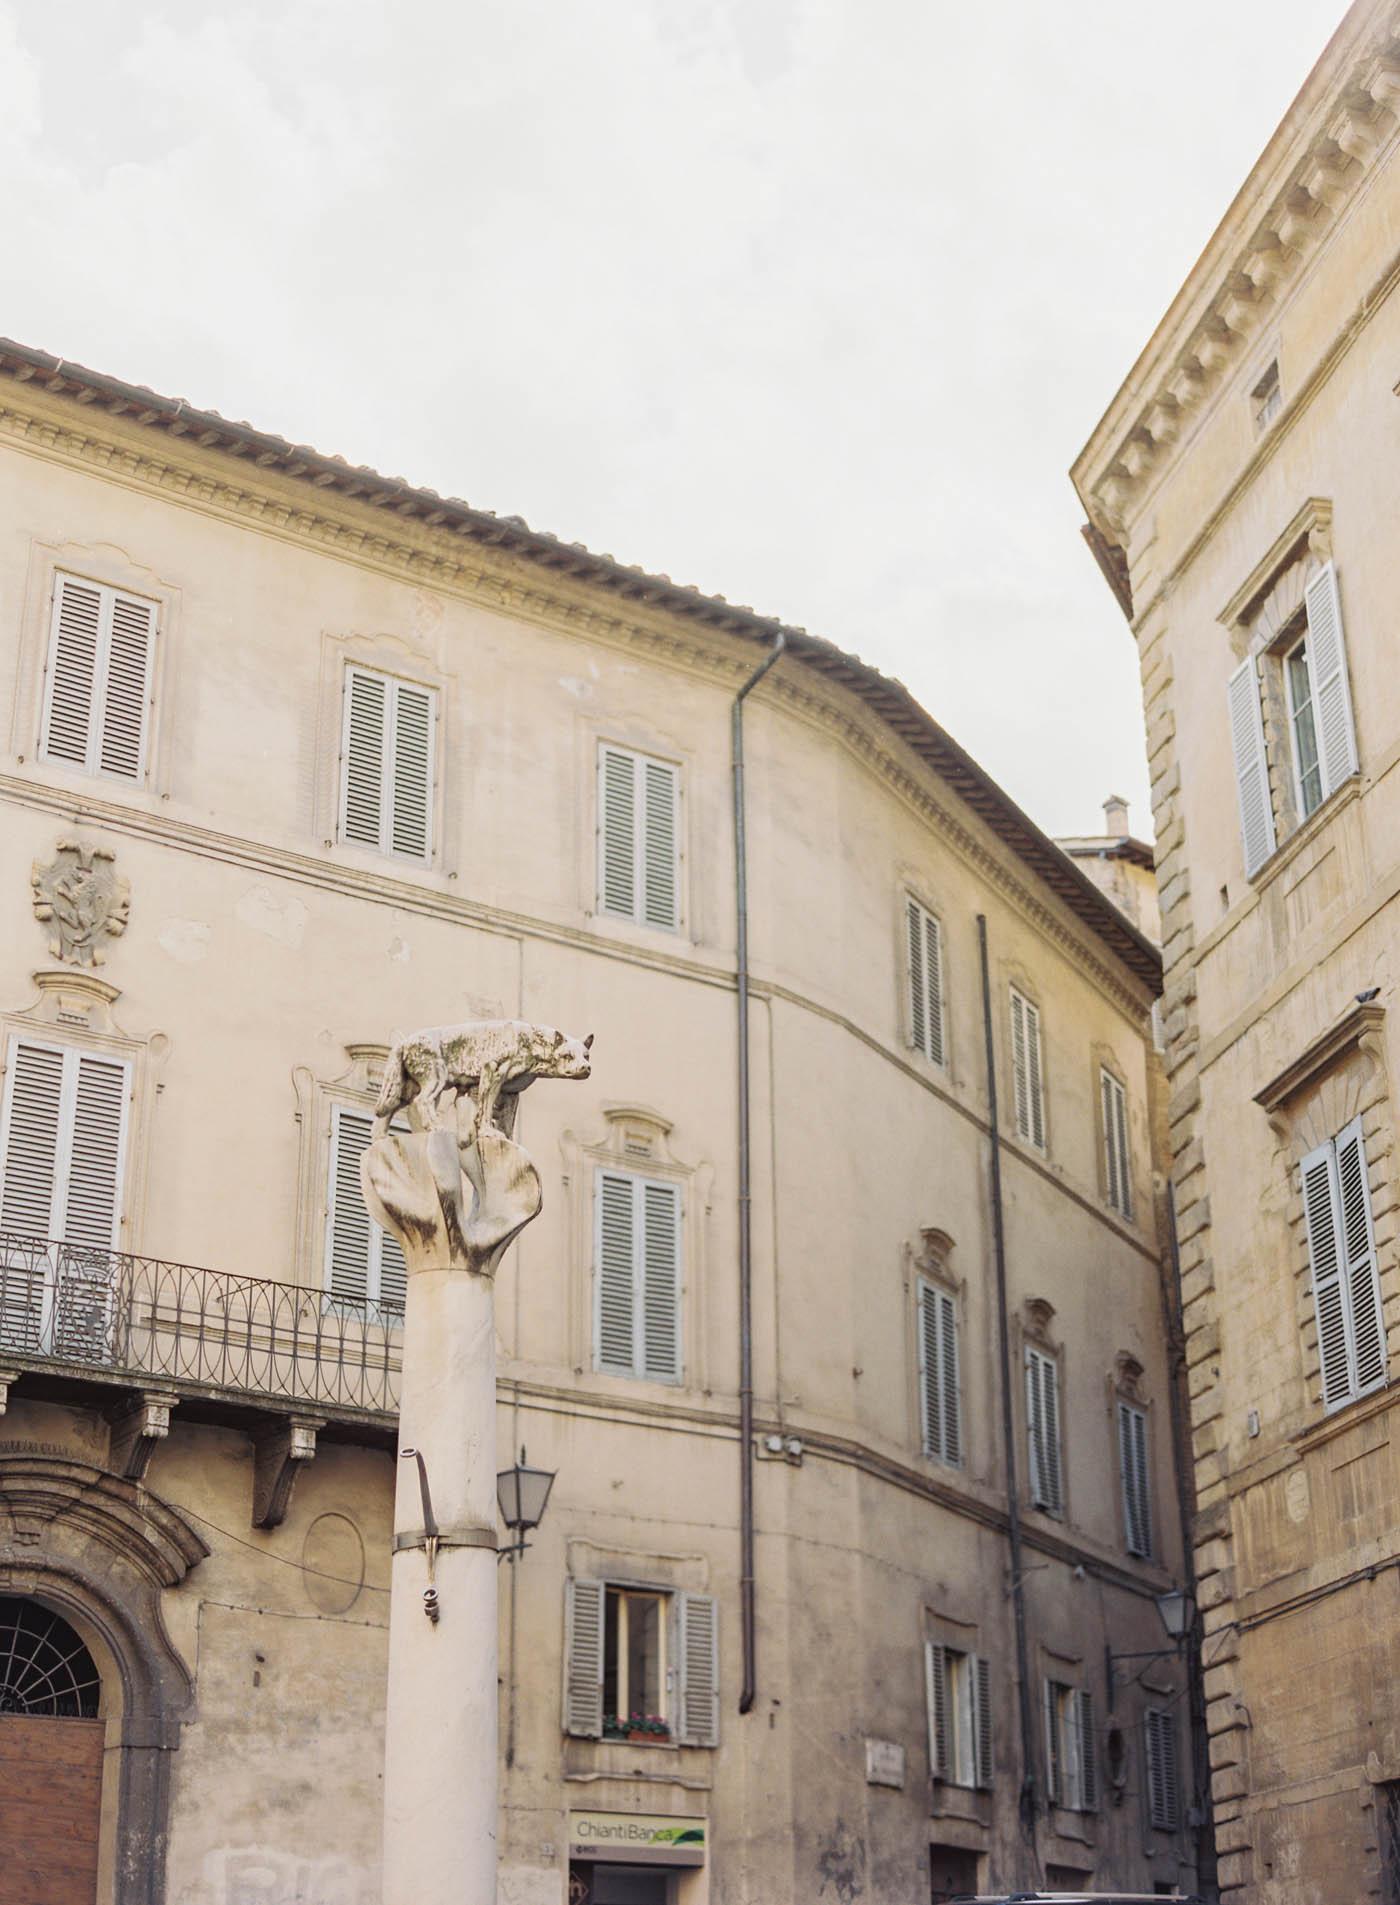 Rome_Travel-7-Jen_Huang-007312-R1-013.jpg